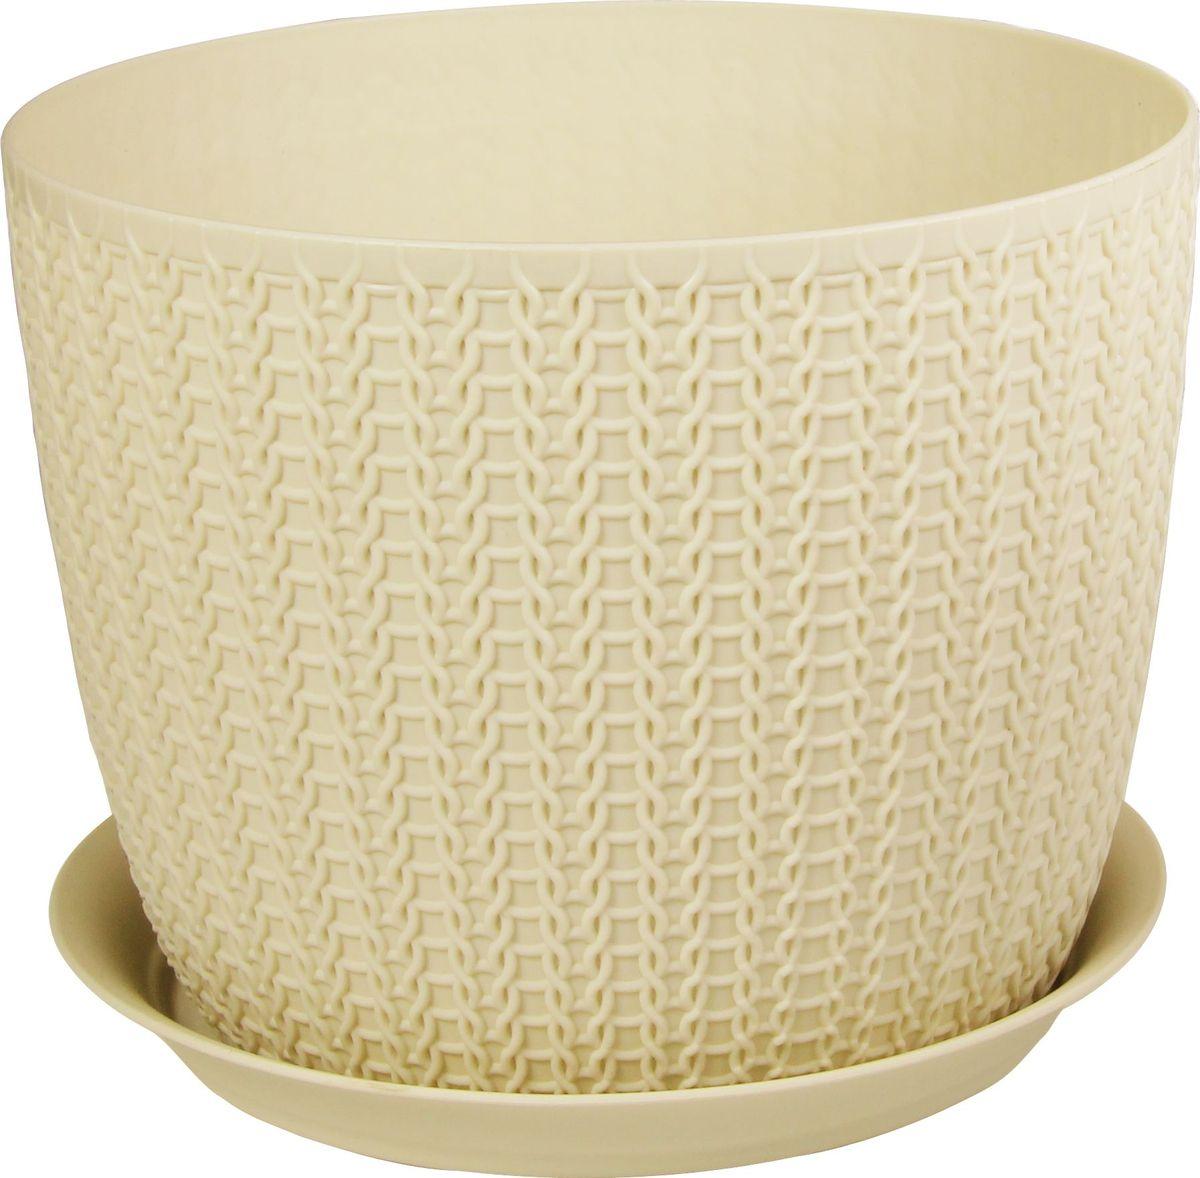 Кашпо Idea Вязание, с поддоном, цвет: белый ротанг, диаметр 21 см531-402Кашпо Idea Вязание изготовлено из полипропилена (пластика). Специальная подставка предназначена для стока воды. Изделие прекрасно подходит для выращивания растений и цветов в домашних условиях.Диаметр кашпо: 21 см. Высота кашпо: 16,5 см. Объем кашпо: 4,5 л.